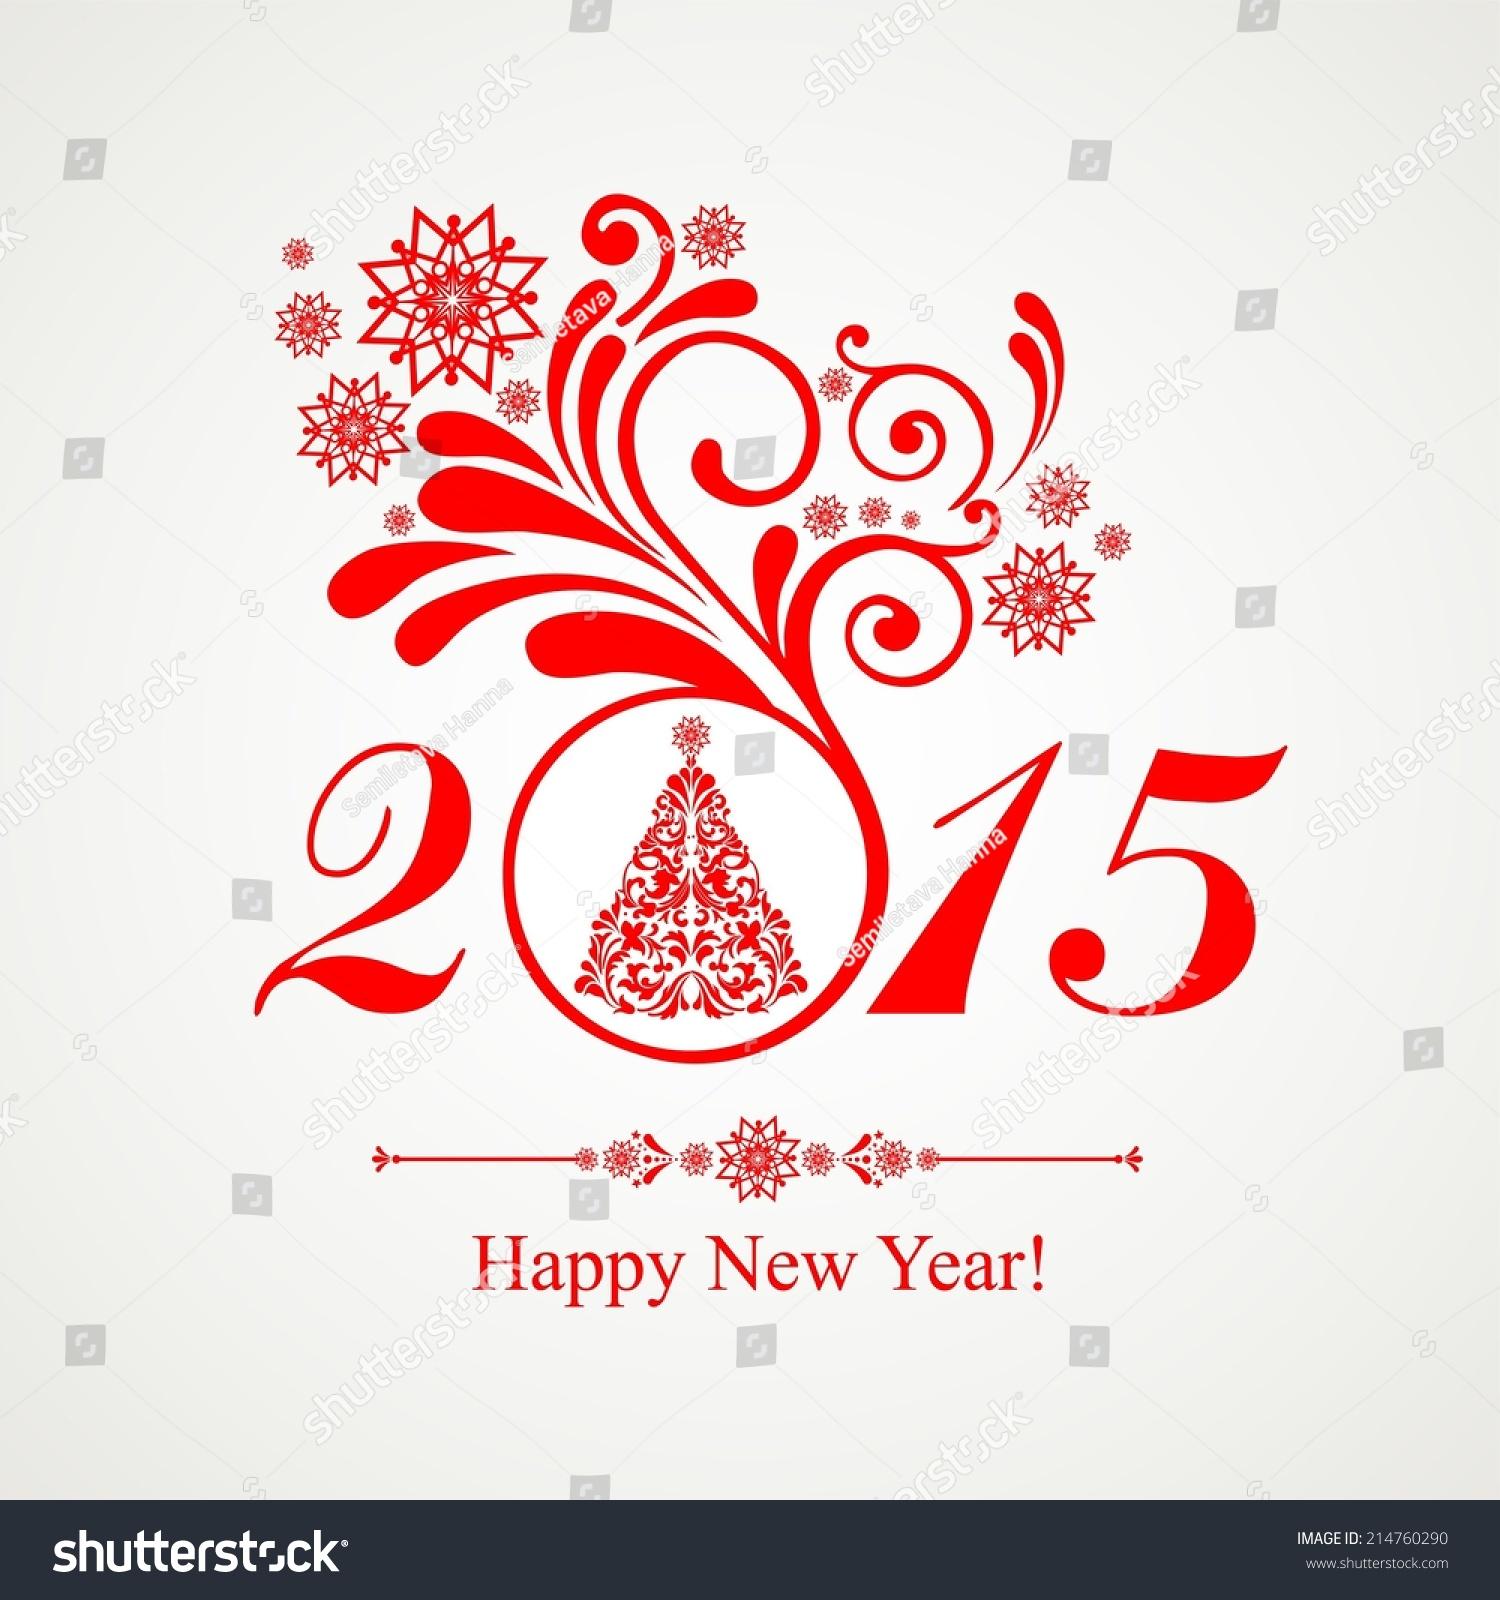 2015年新年快乐!复古卡.庆典背景圣诞树和课本